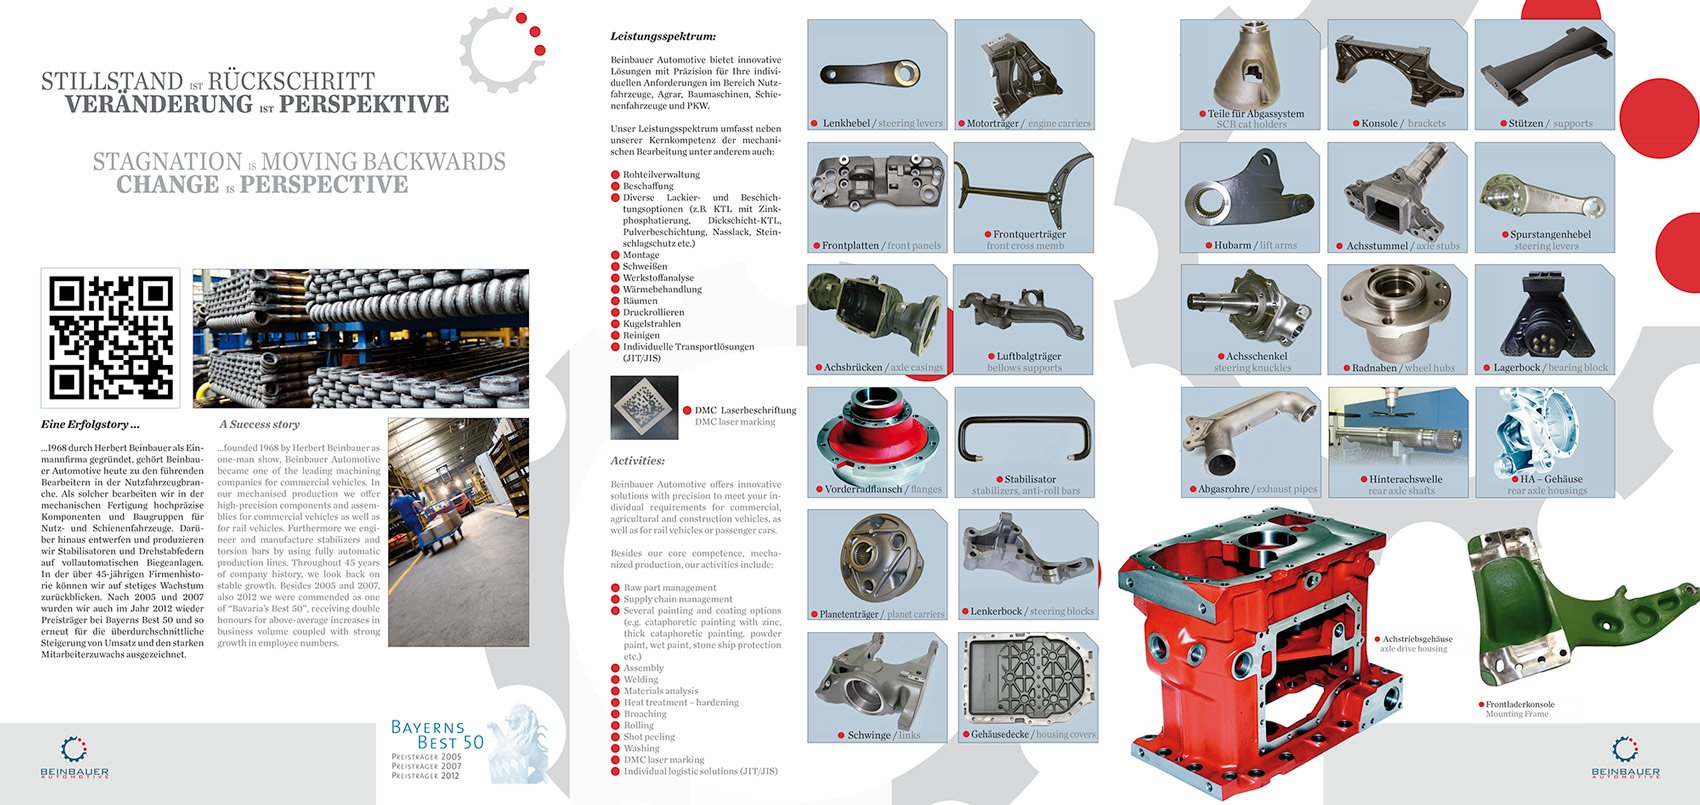 Beinbauer_Automotive_6Seiter_Kundenflyer_Messe_druck_OK-2